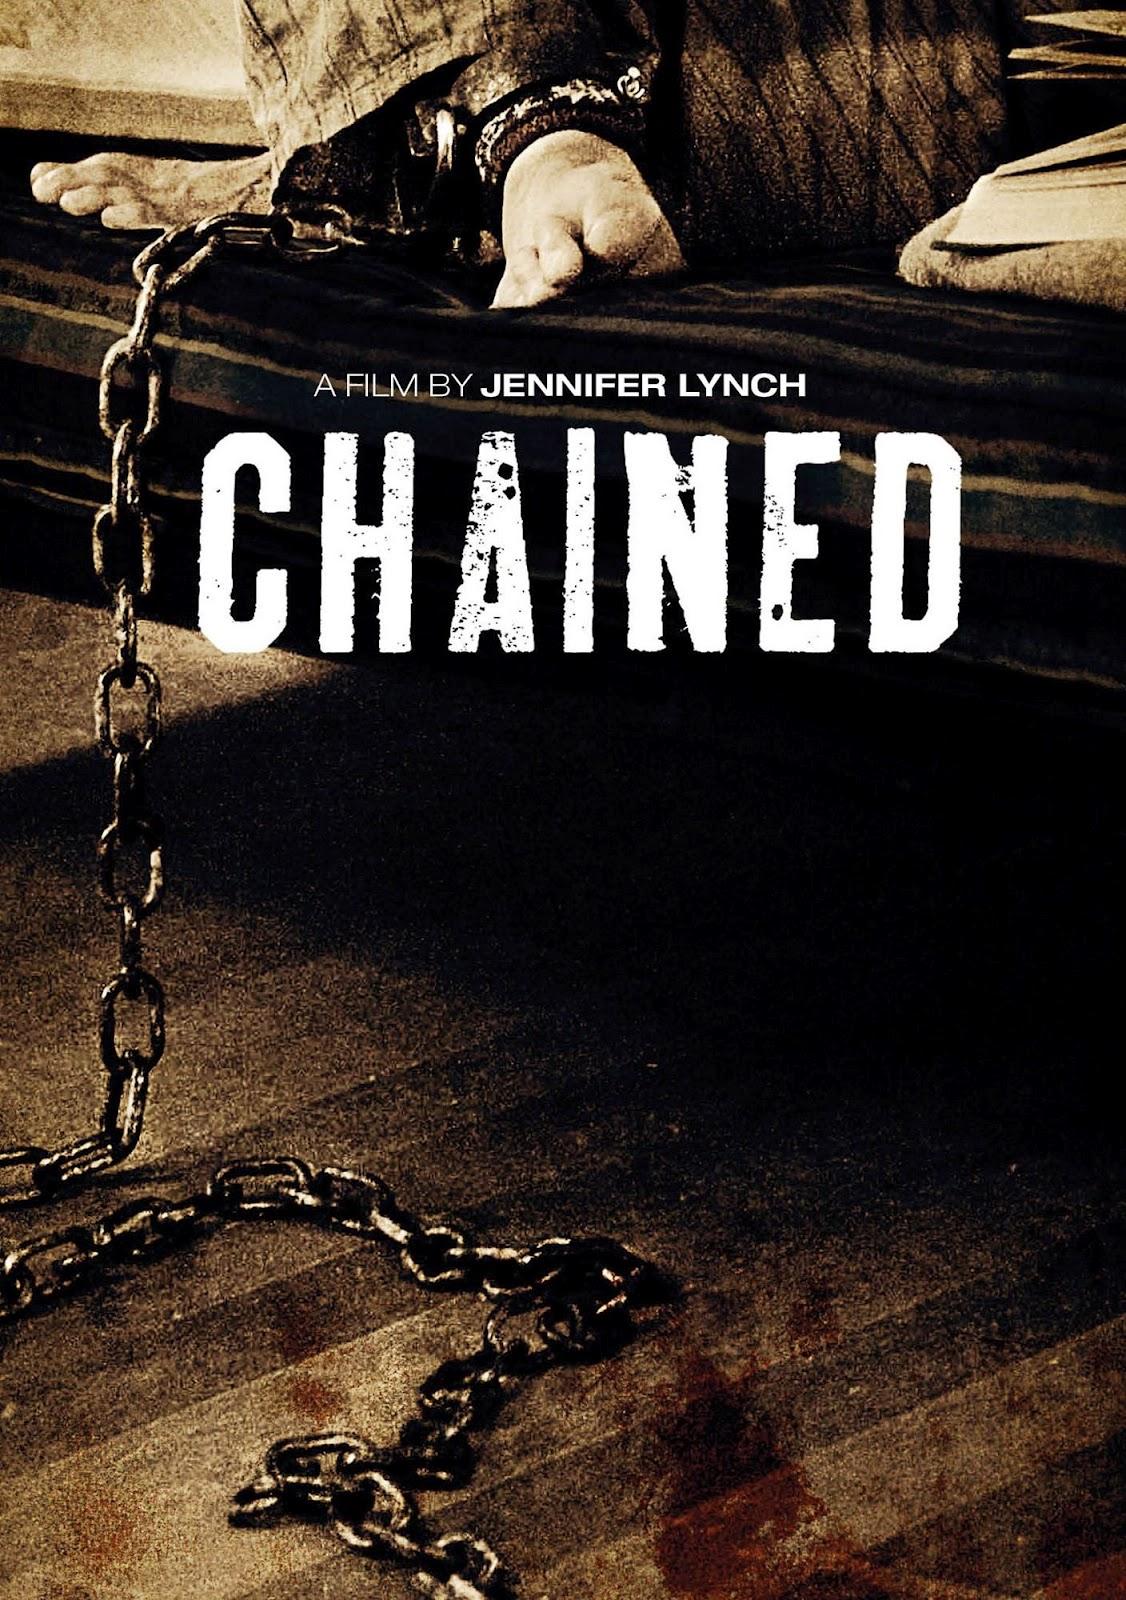 http://1.bp.blogspot.com/-WL5Ku_94Yyc/UFi7vClvuKI/AAAAAAAAC64/FM_qbNVwcTo/s1600/chained-poster.jpg